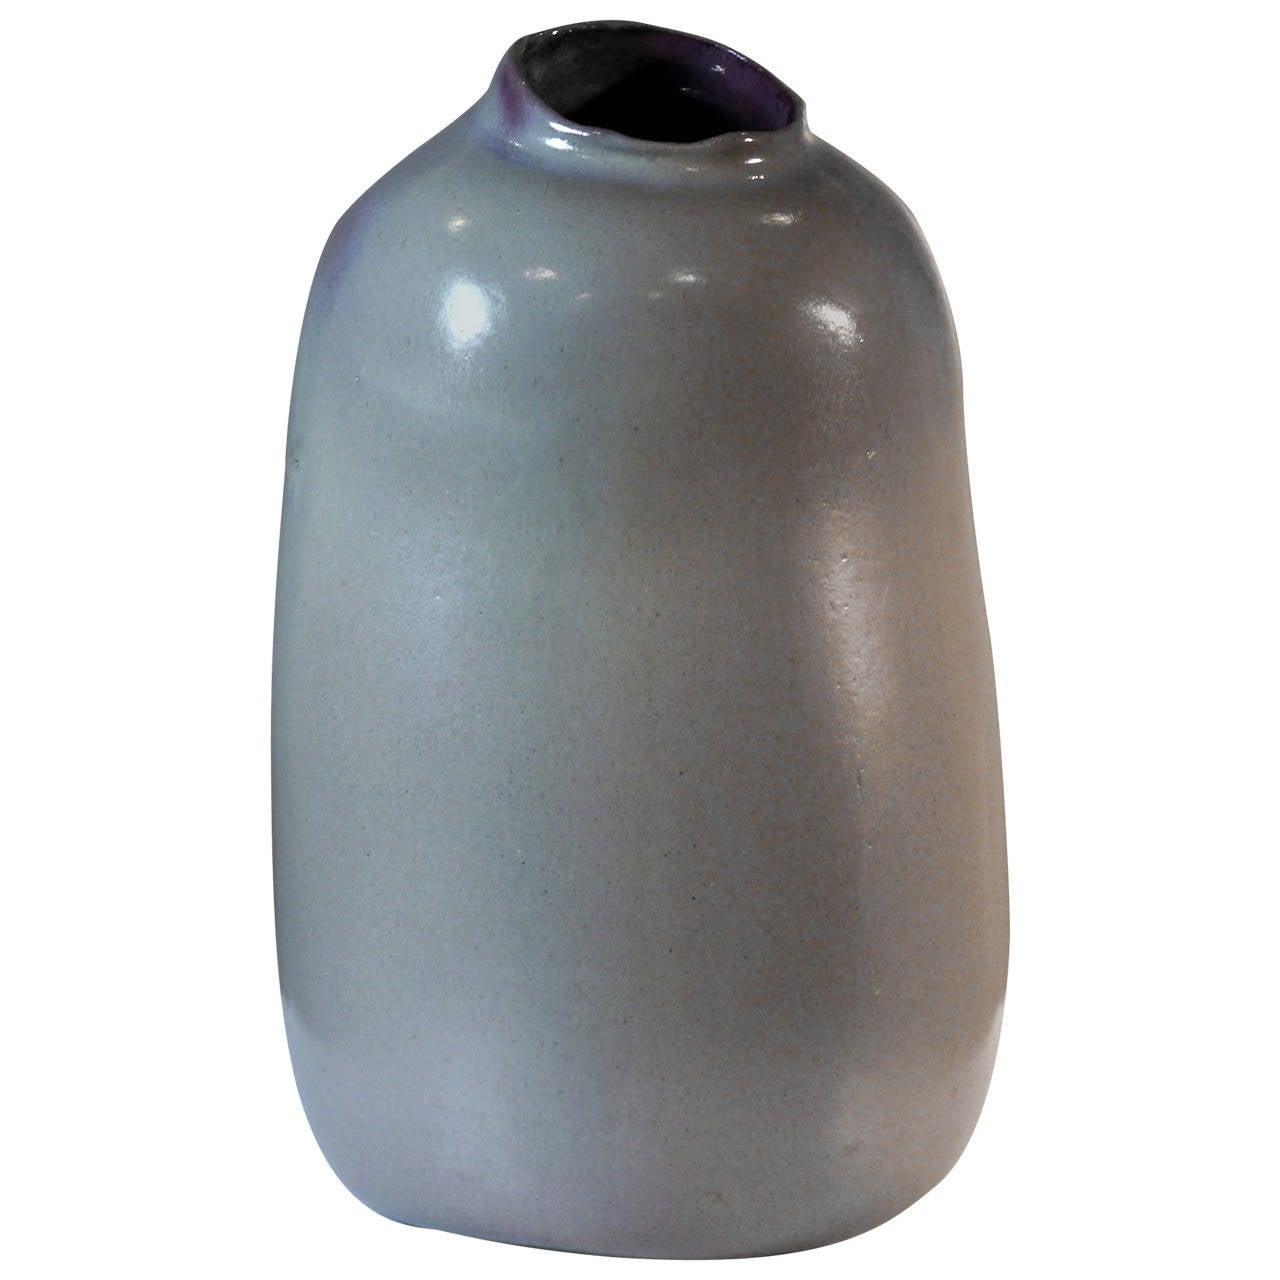 Biomorphic Purple Vase by Jacques Barbier, 1982